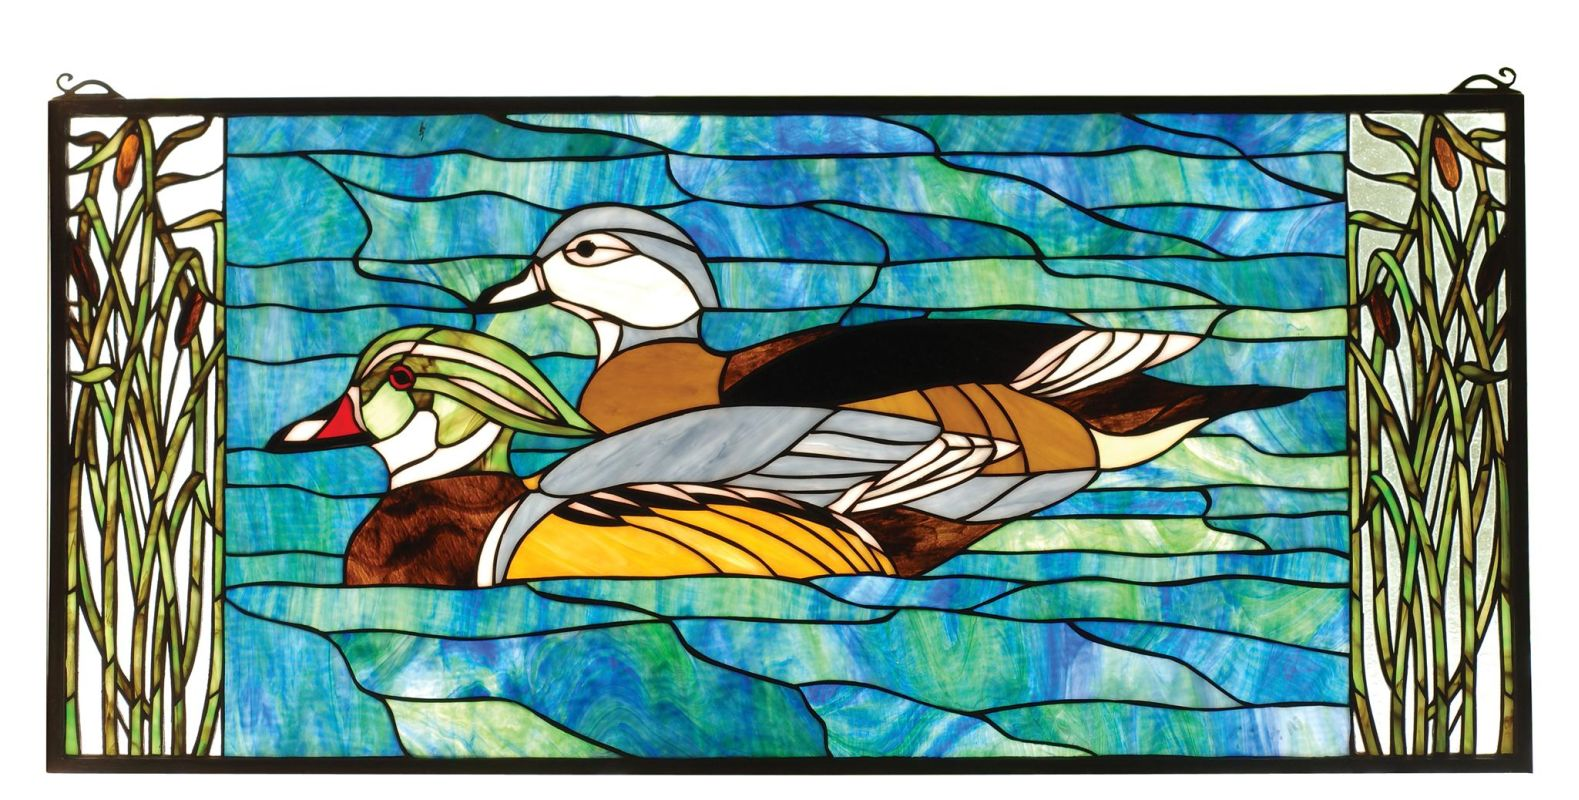 Meyda Tiffany 77712 Stained Glass Tiffany Window from the Sportsman